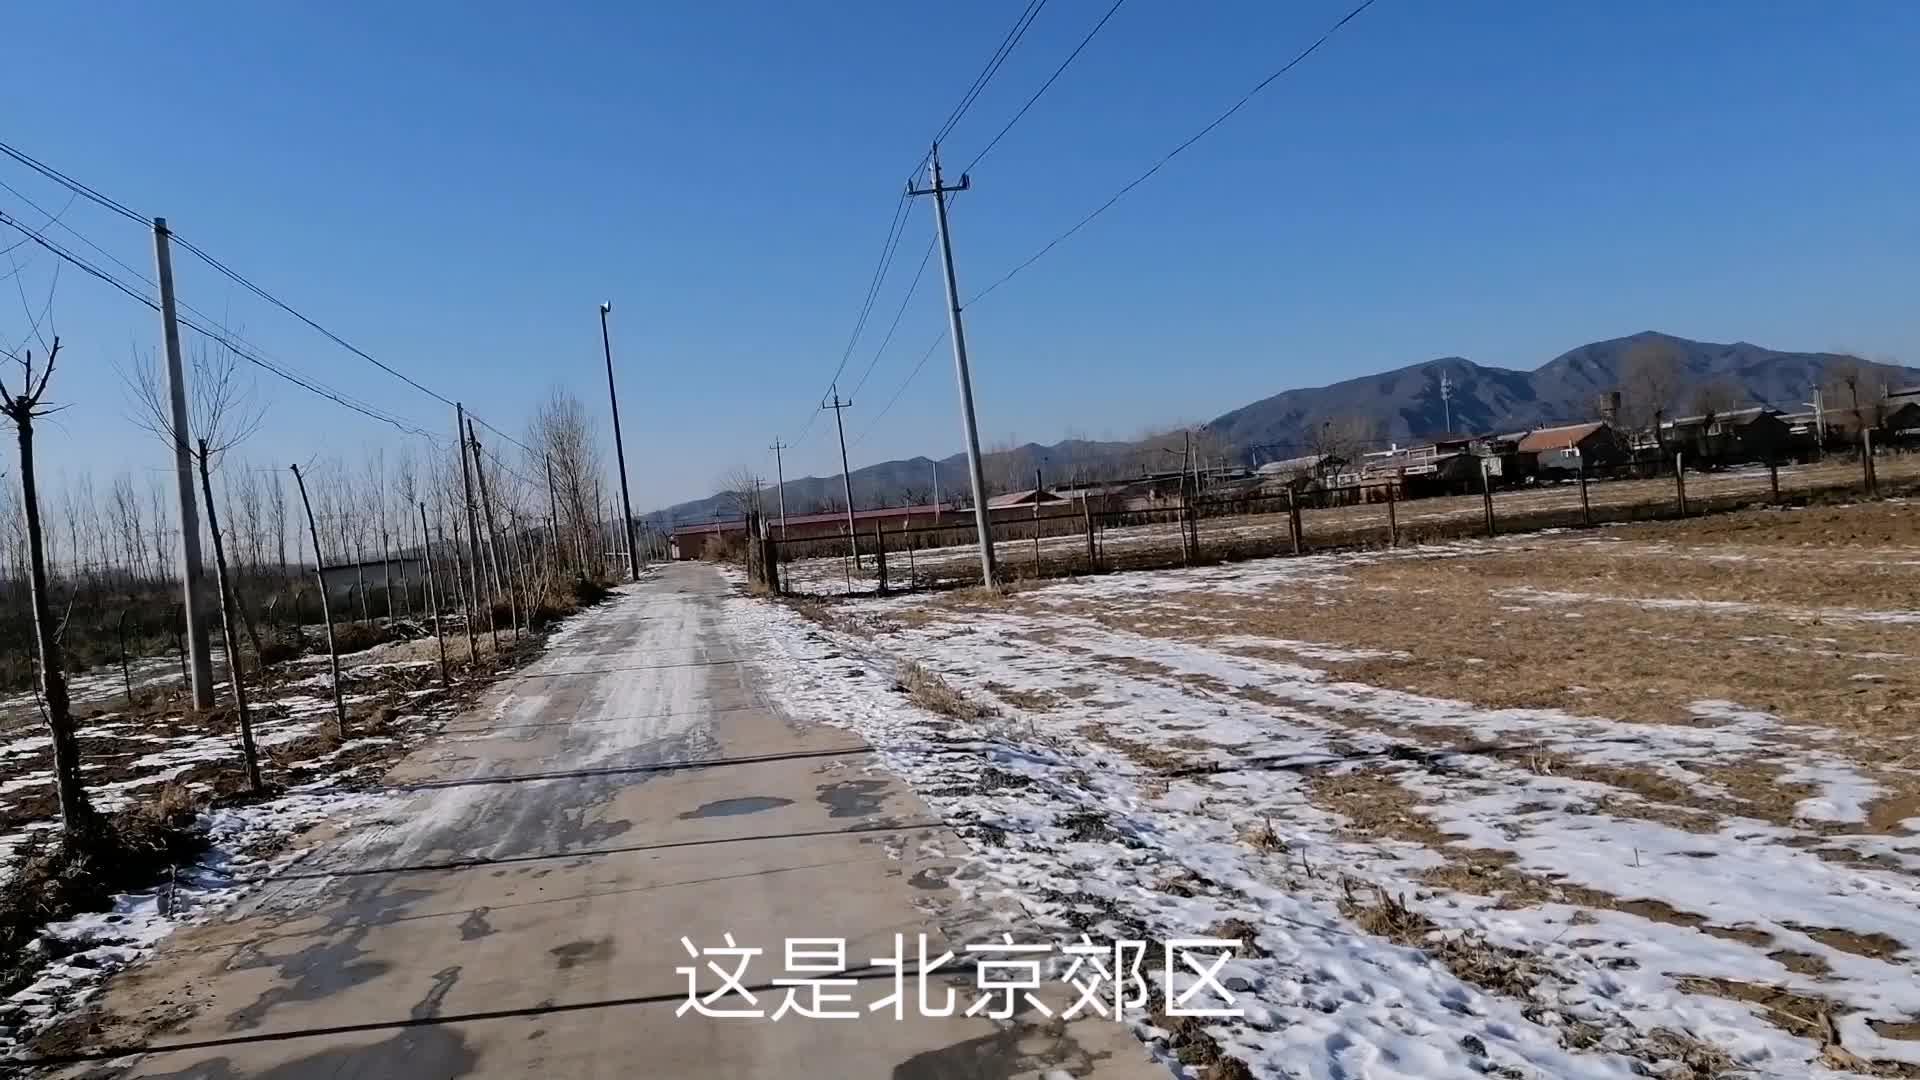 北京的一个小村庄,看看有多好吧